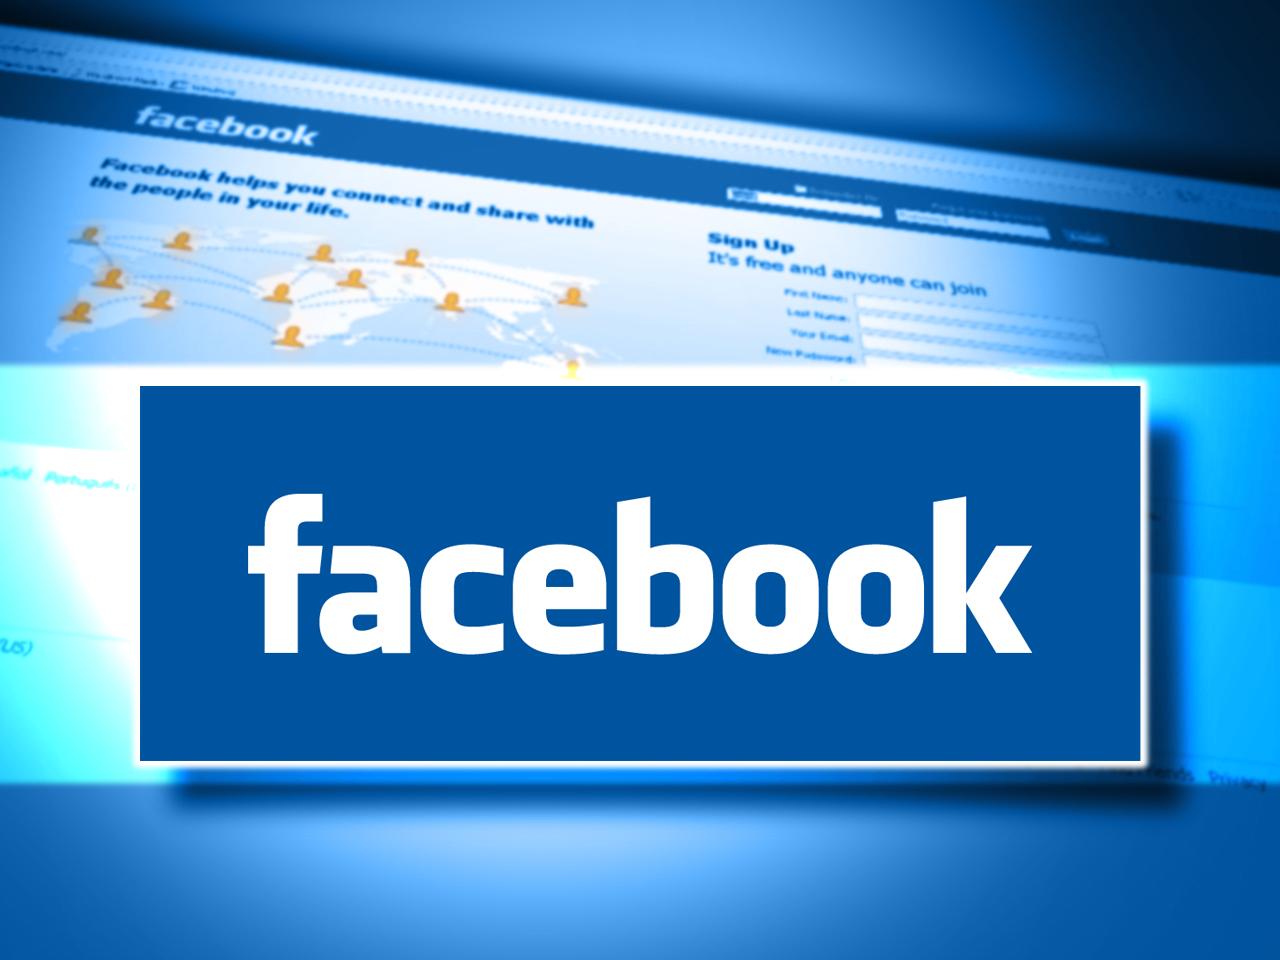 صورة كيف اعمل فيس بوك , طريقة انشاء حساب علي فيس بوك 3286